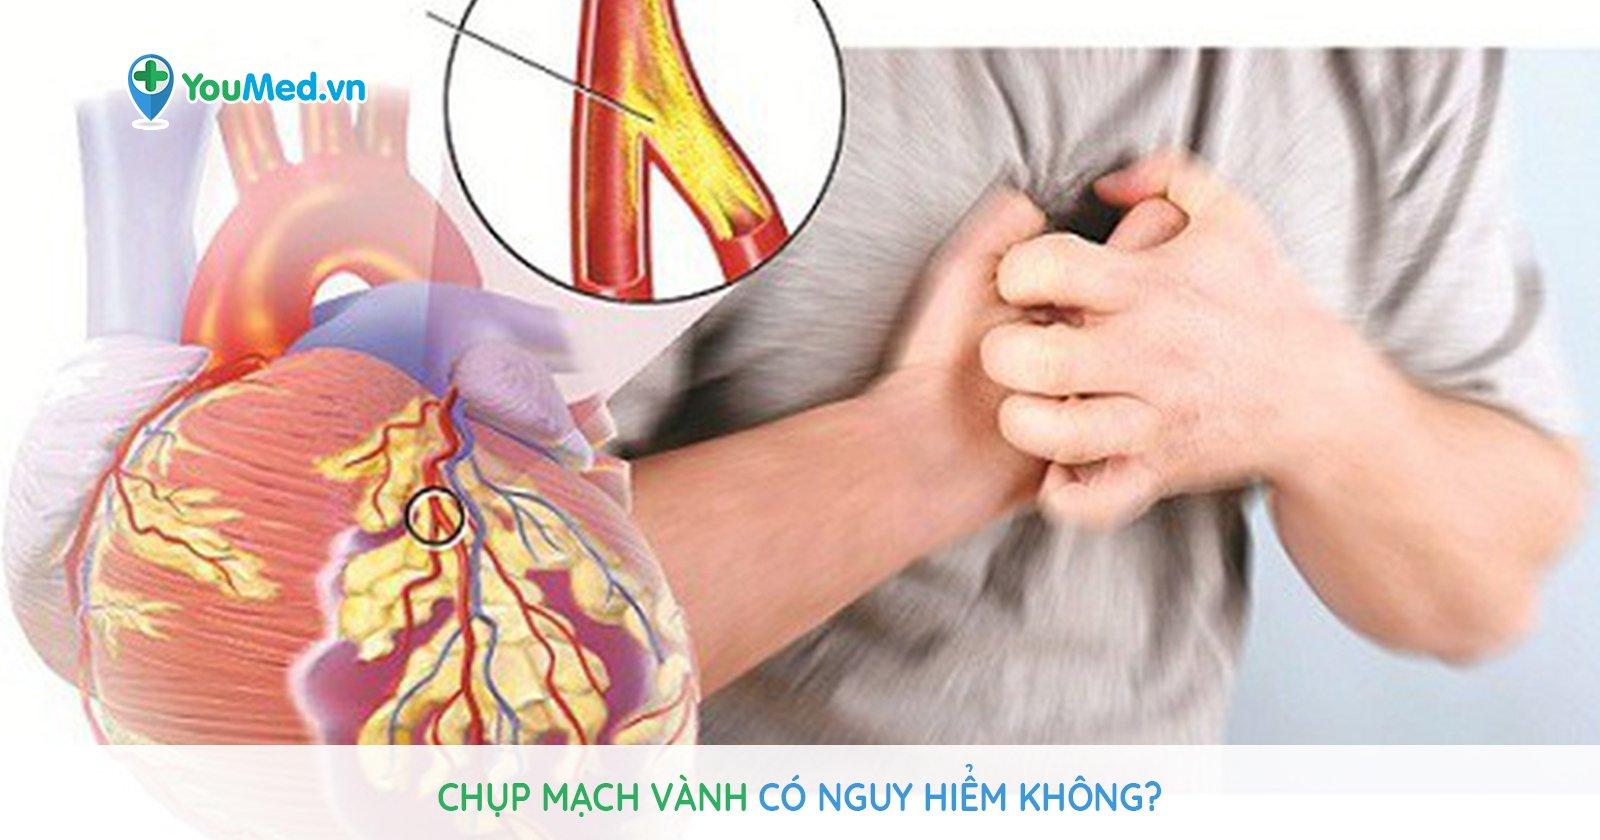 Chụp mạch vành có nguy hiểm không?